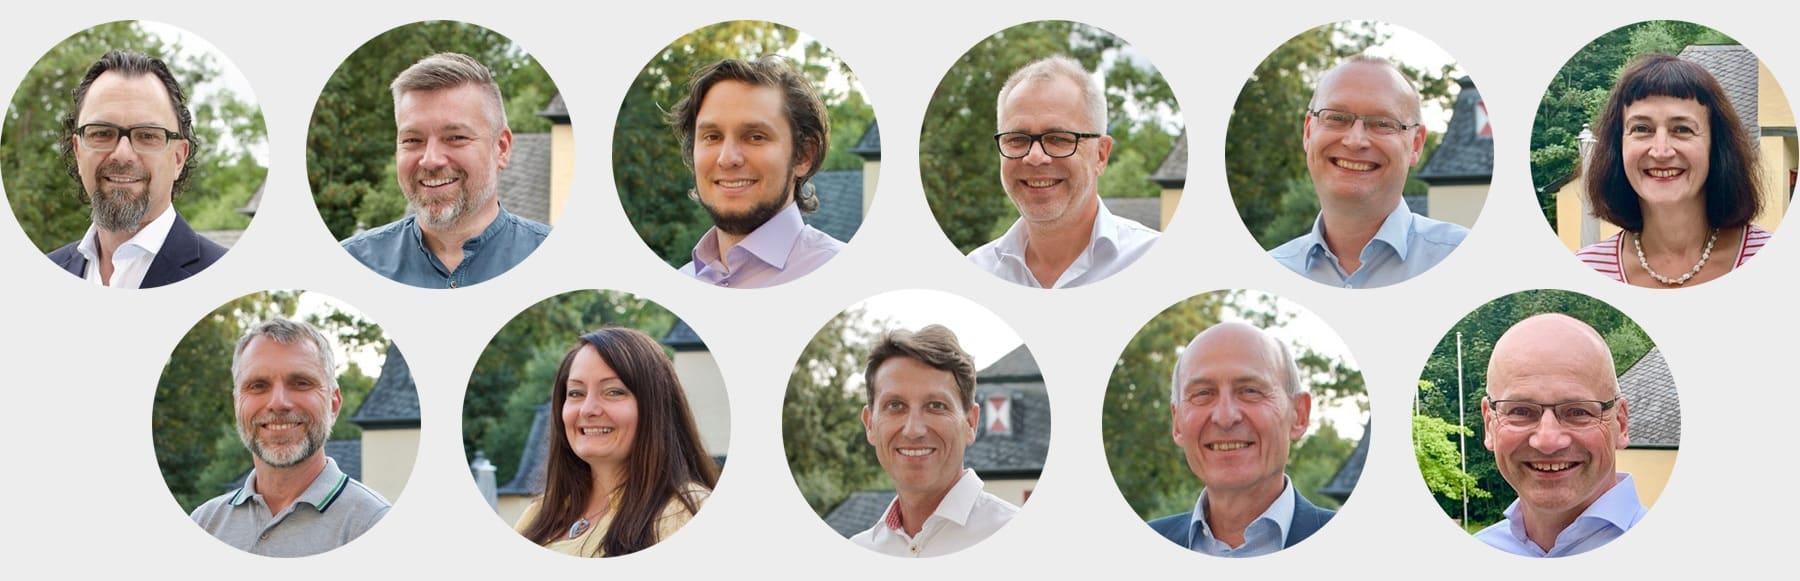 Alle Kandidat:innen von ZLR für die Kommunalwahl